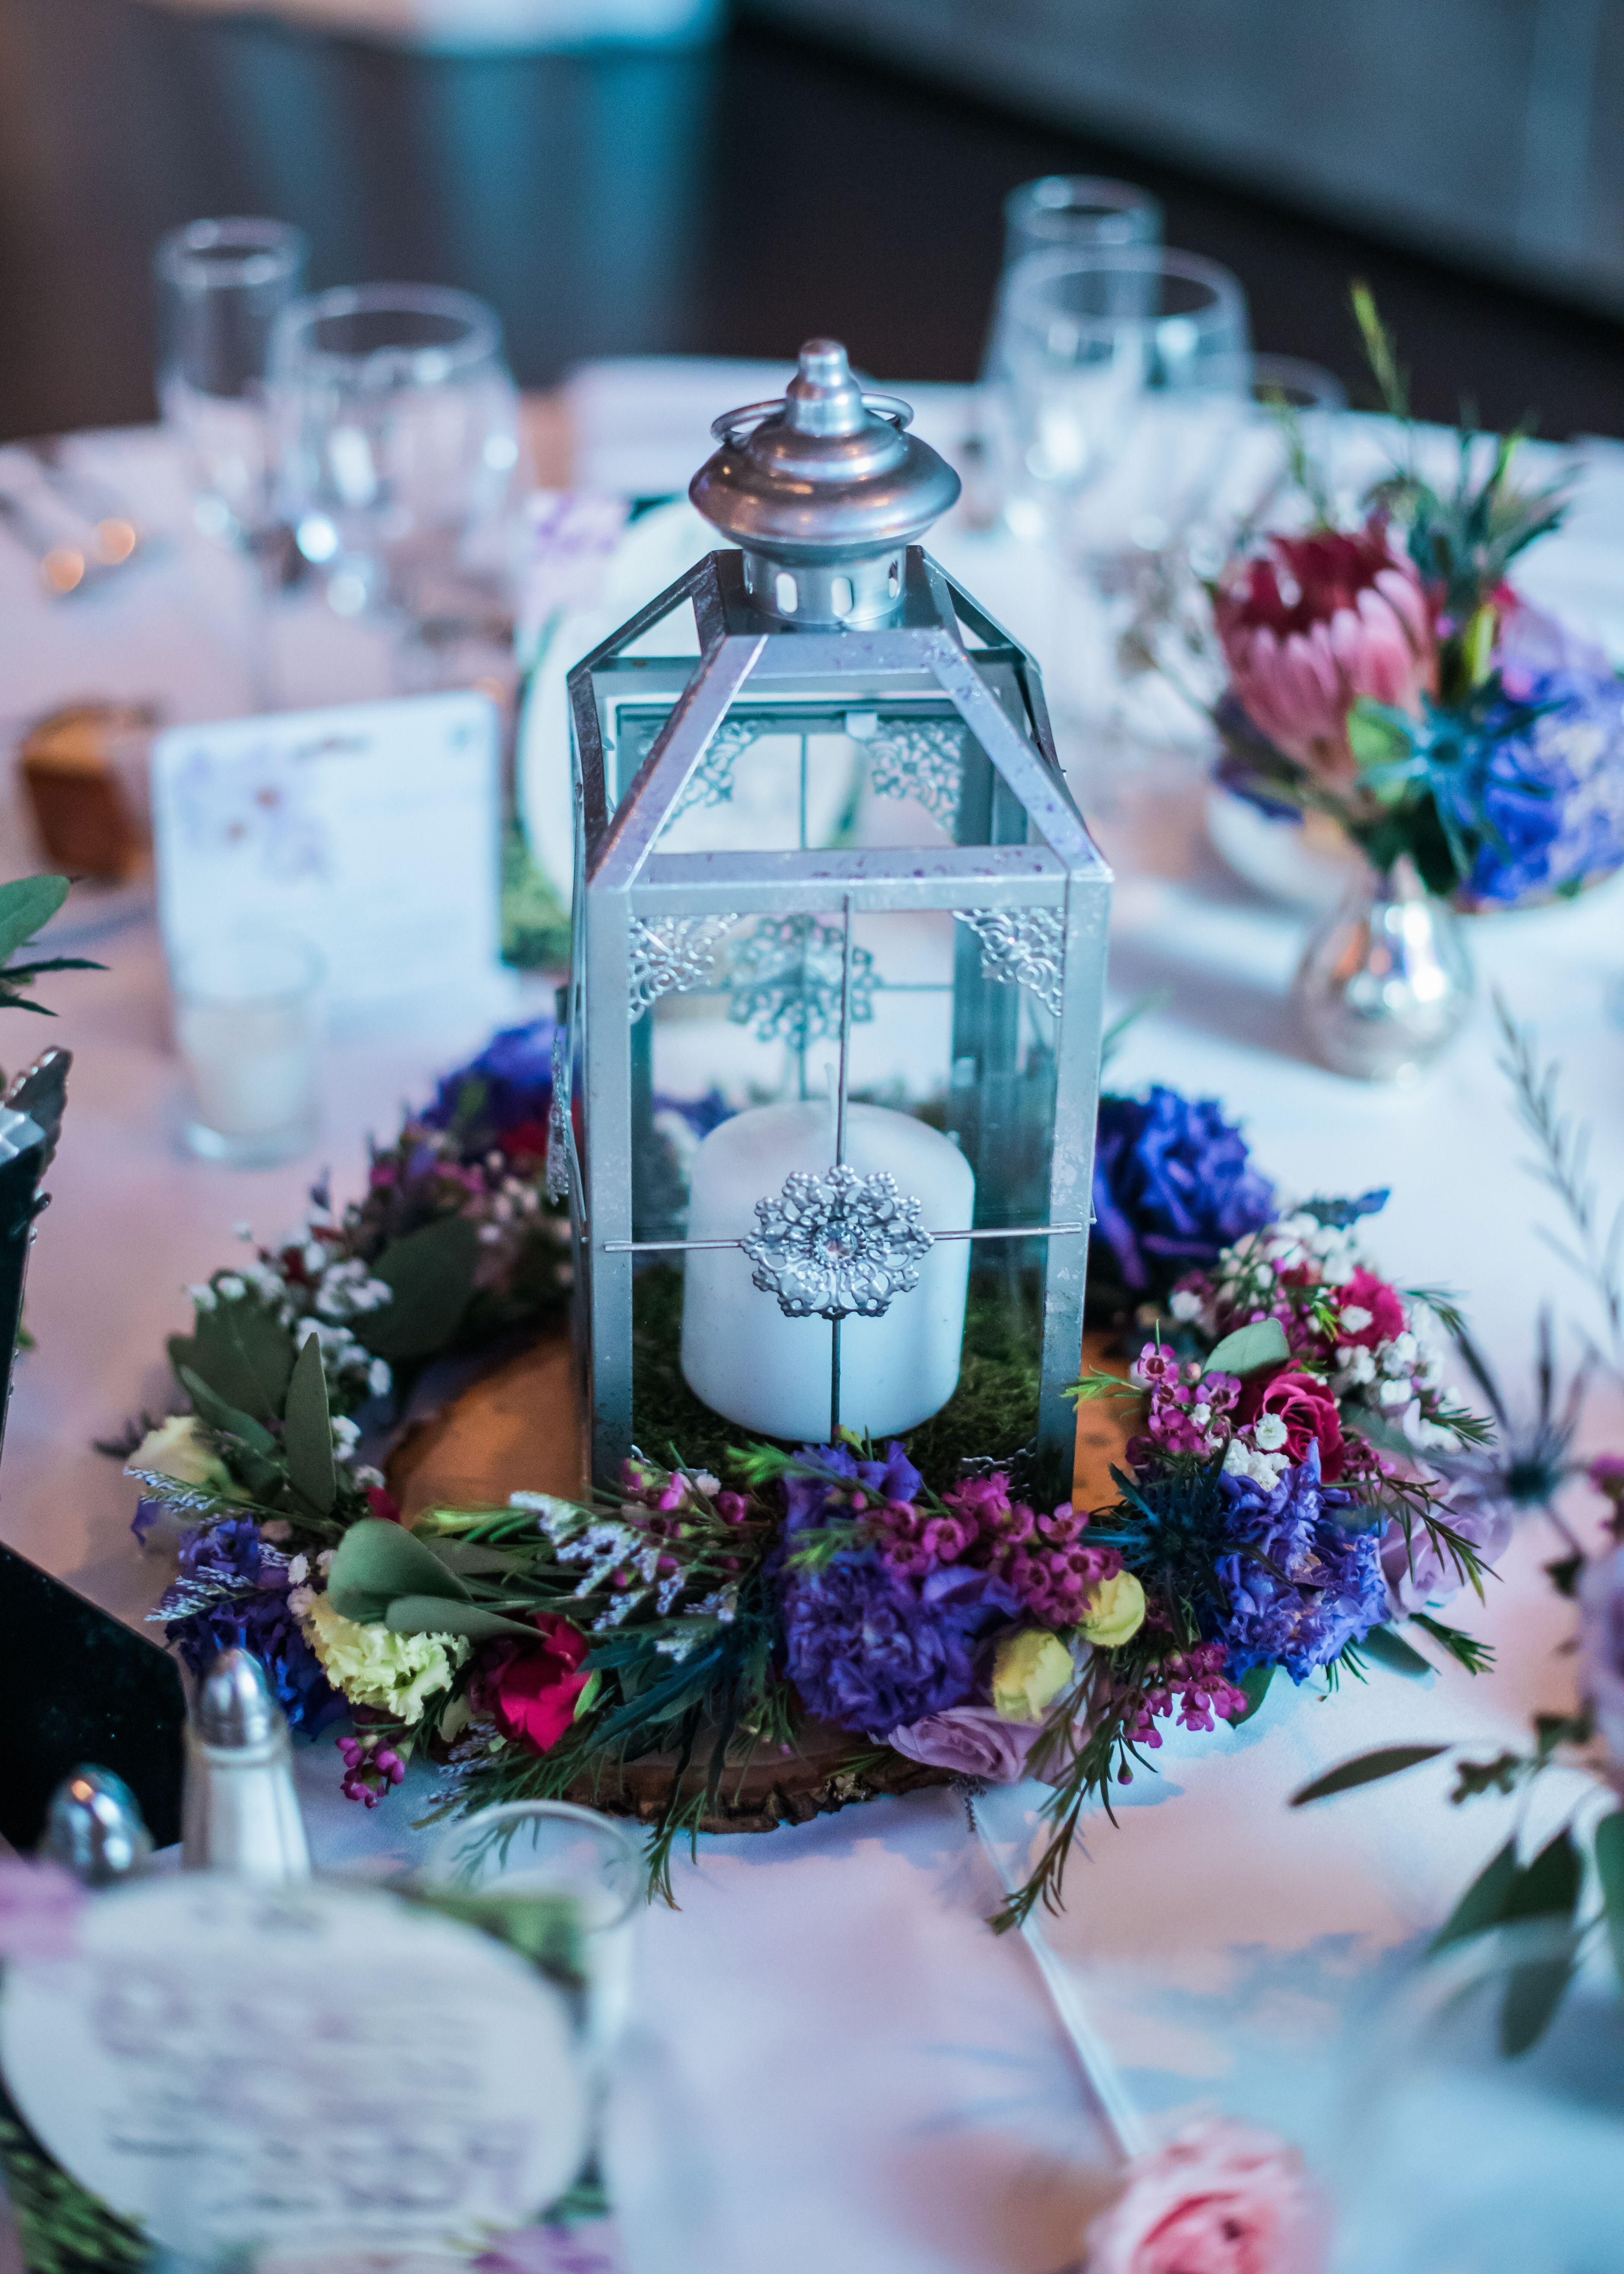 Silver lantern centerpiece with flower wreath